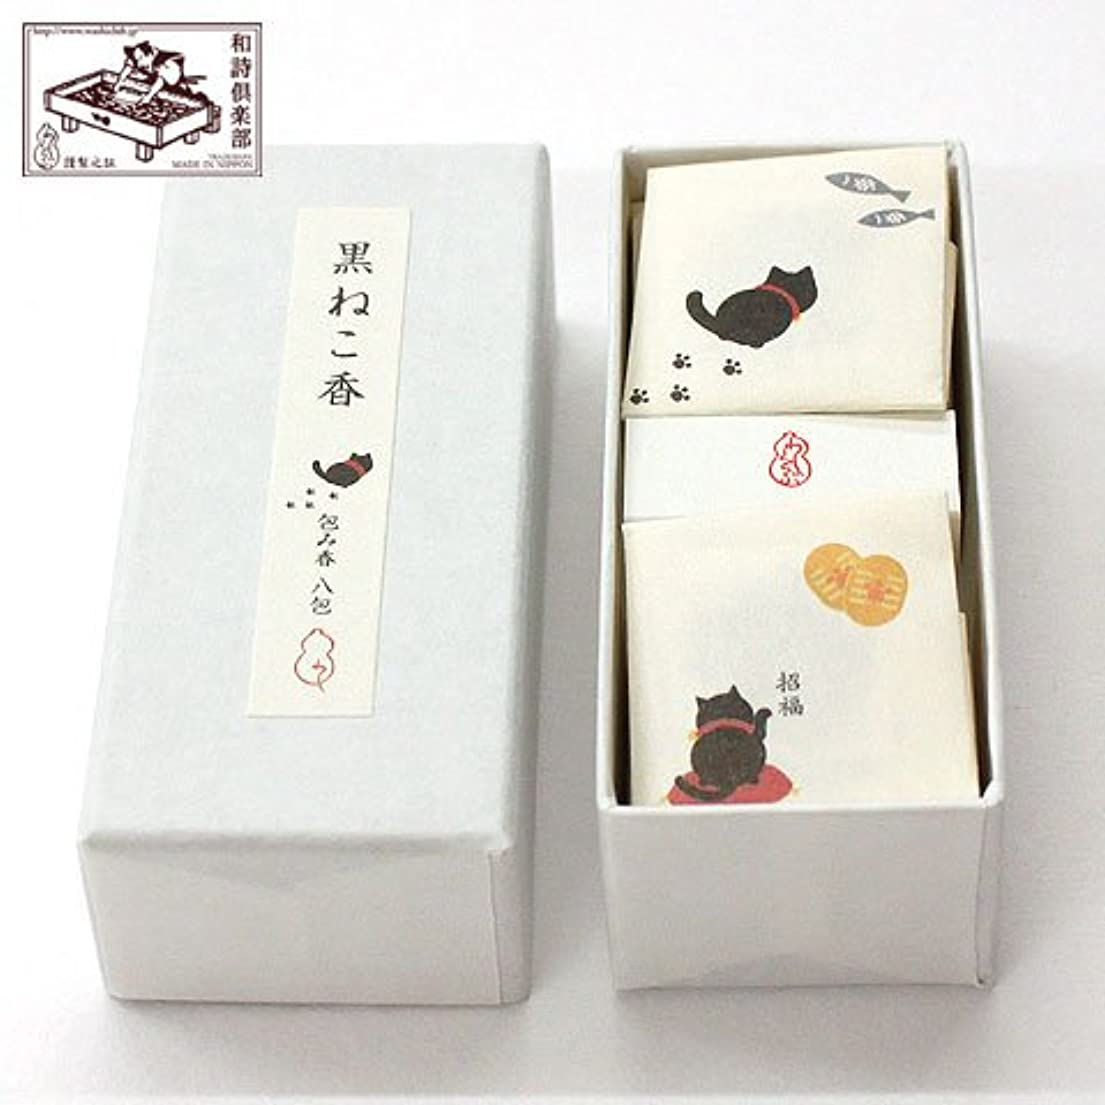 達成可能の慈悲で食べる文香包み香黒ねこ香 (TU-001)和詩倶楽部